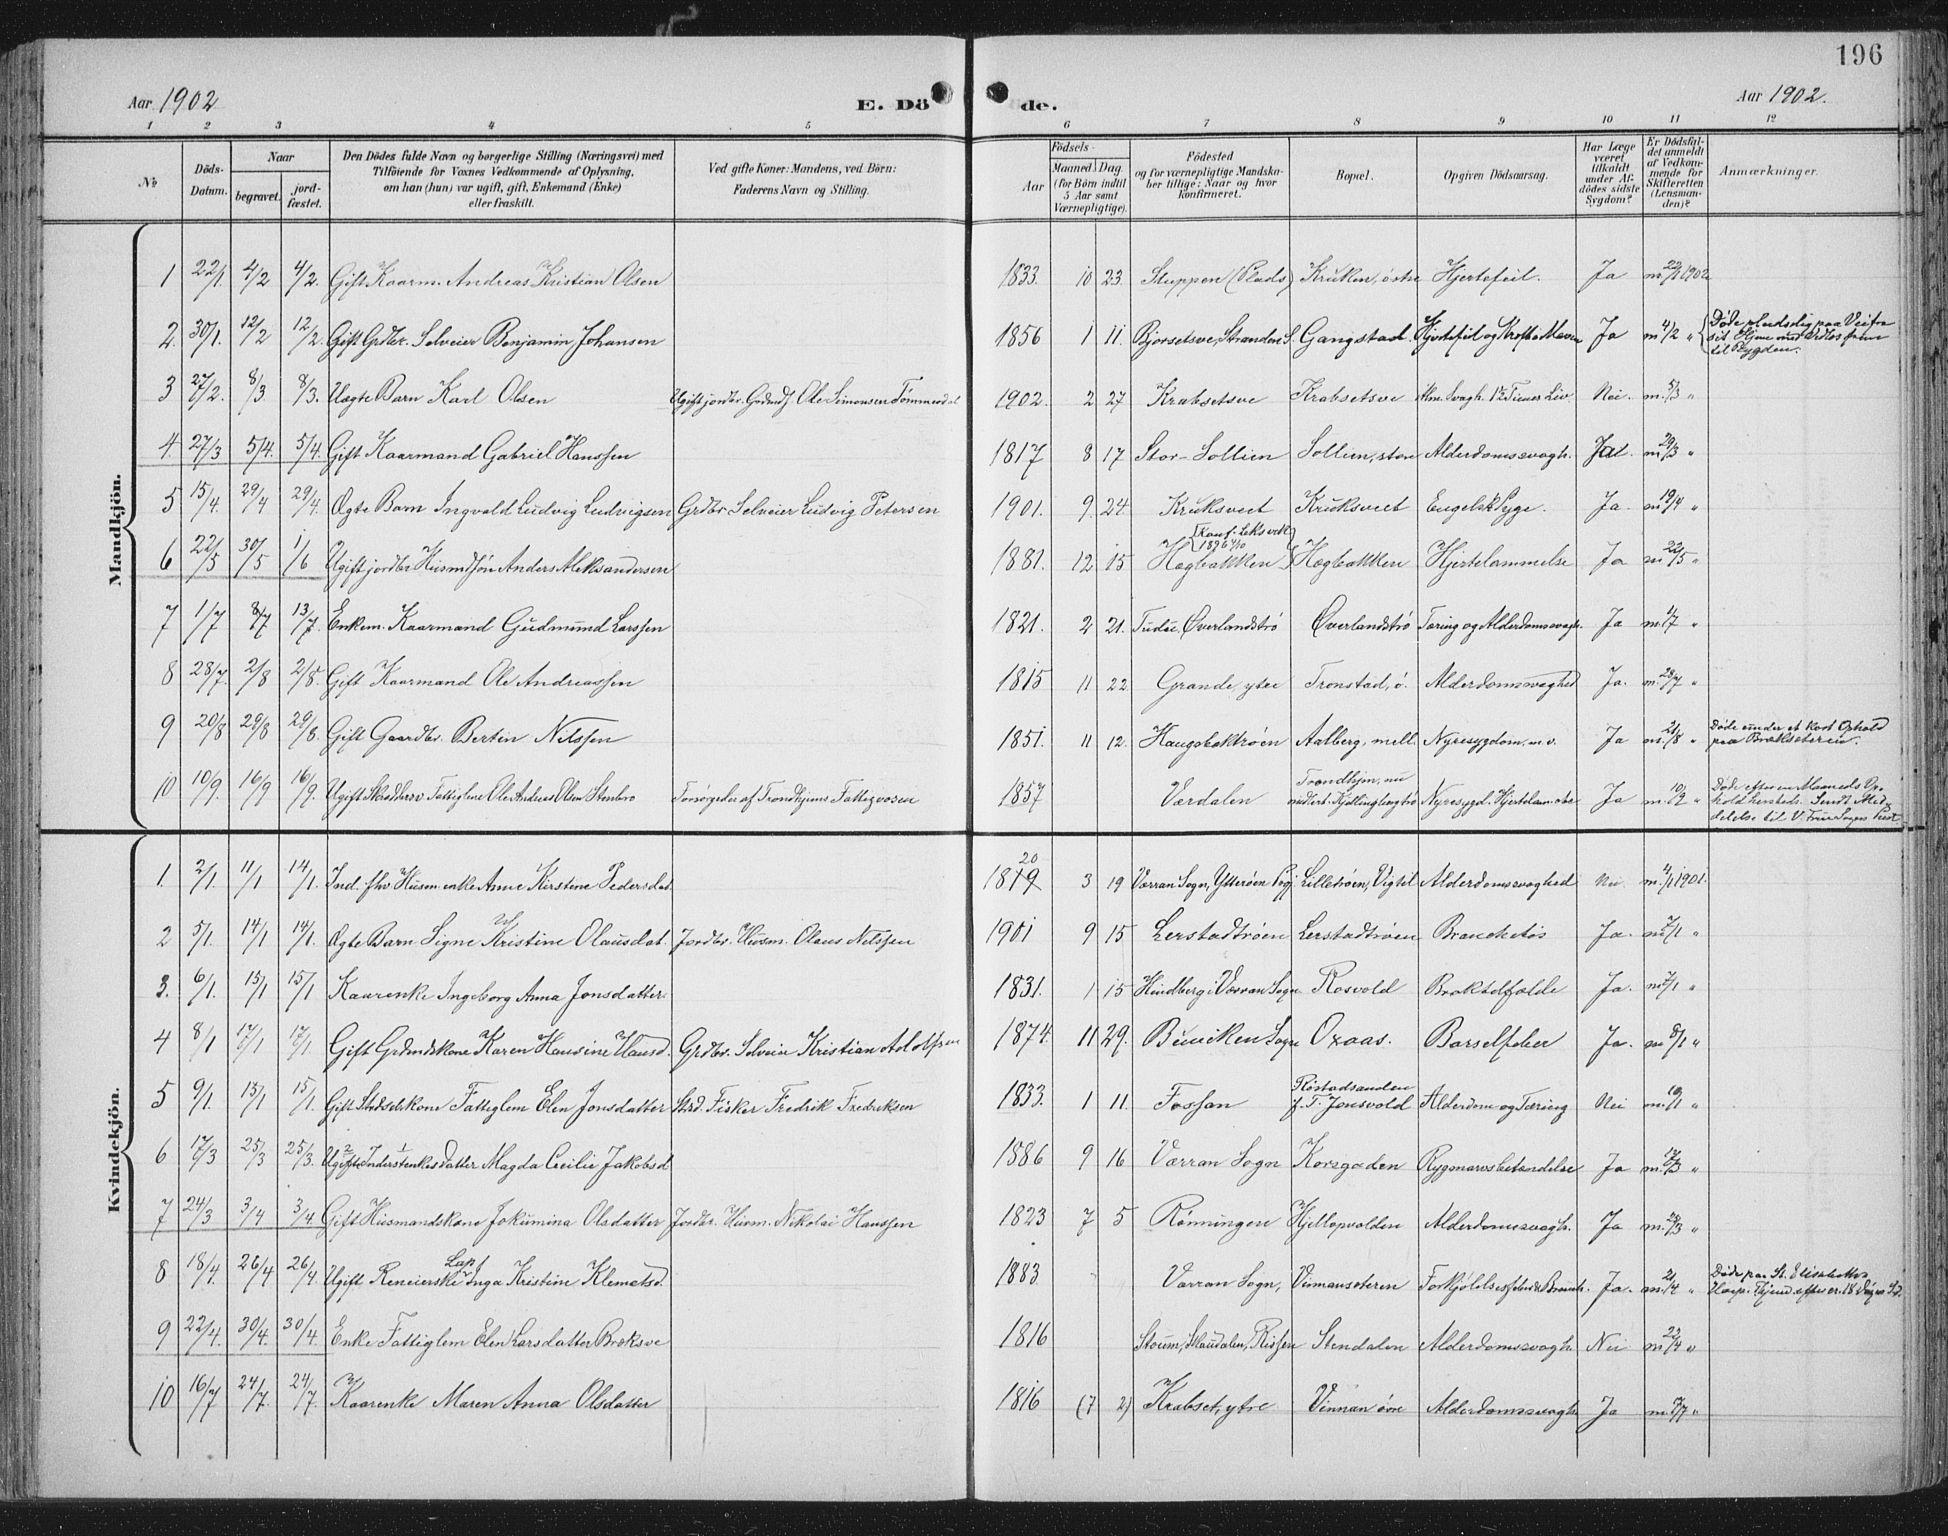 SAT, Ministerialprotokoller, klokkerbøker og fødselsregistre - Nord-Trøndelag, 701/L0011: Ministerialbok nr. 701A11, 1899-1915, s. 196